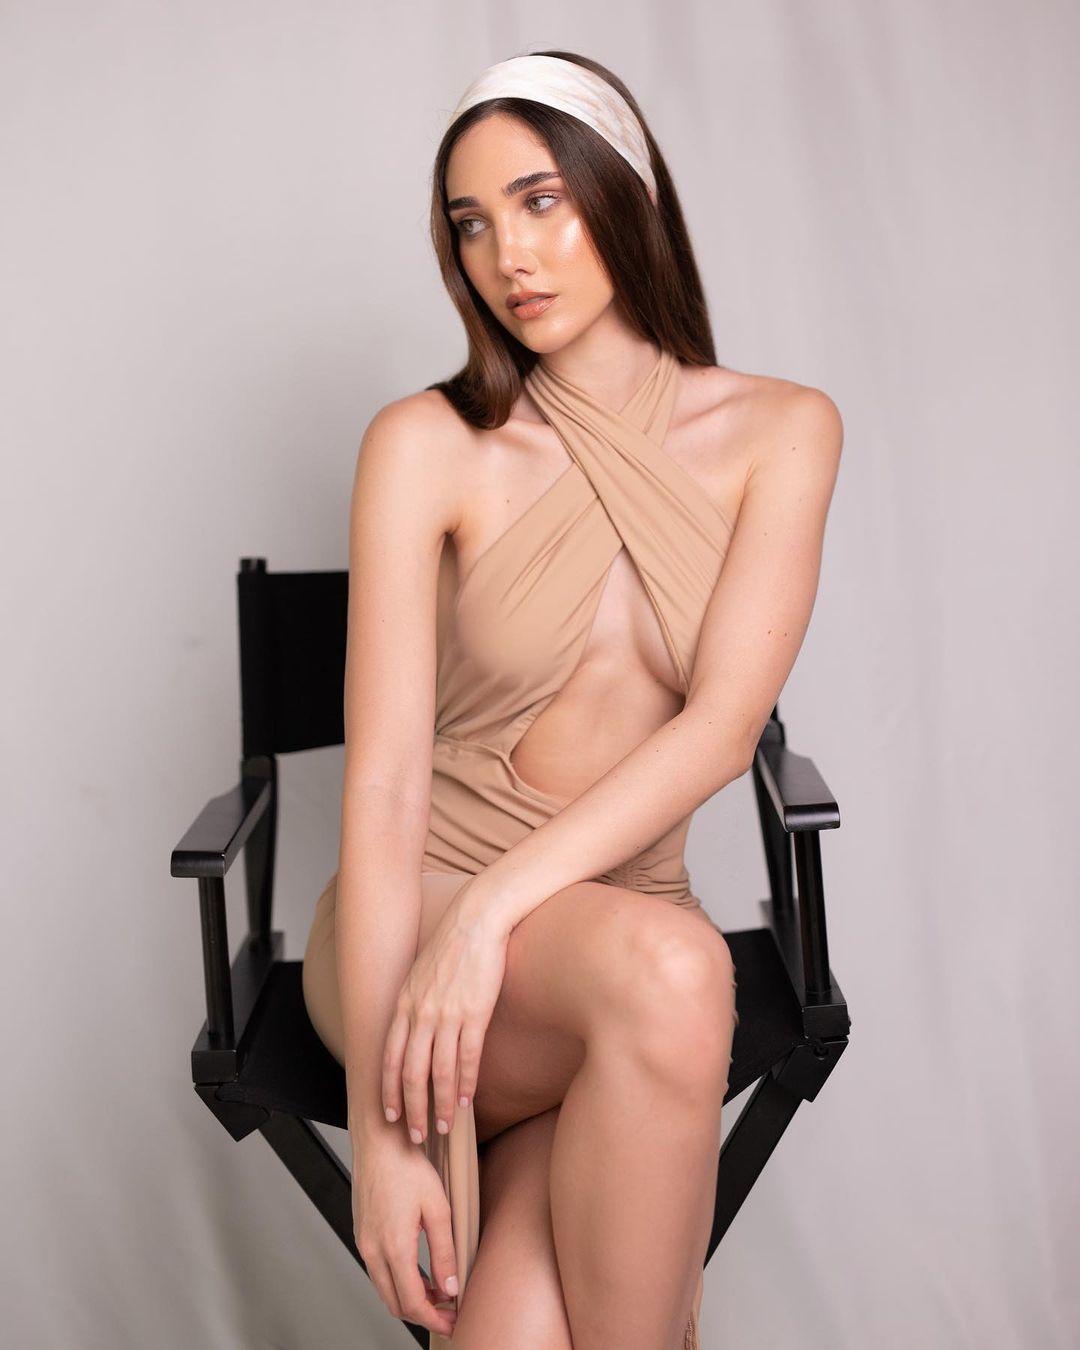 Мода и девушки на снимках Алехандро Гонсалеса